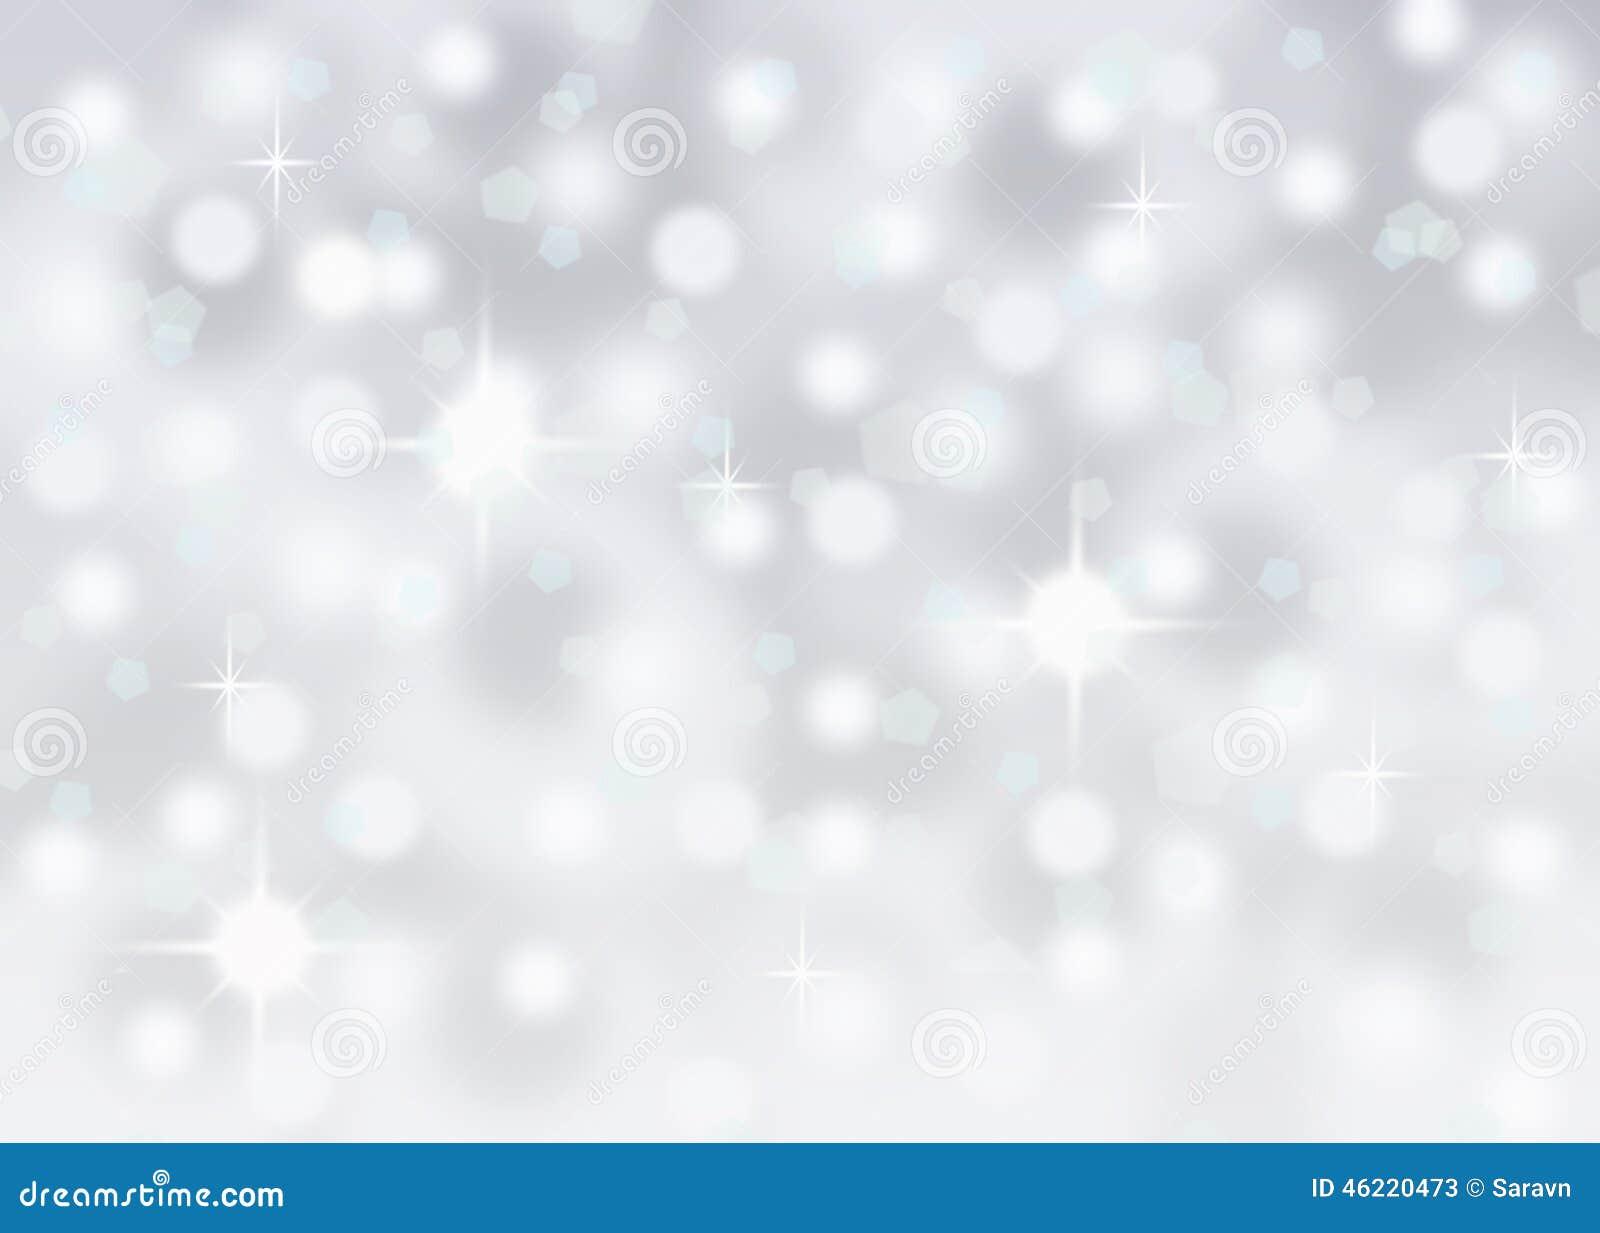 Fondo del día de fiesta de la Navidad del invierno de la nieve abstracta de plata del bokeh que cae